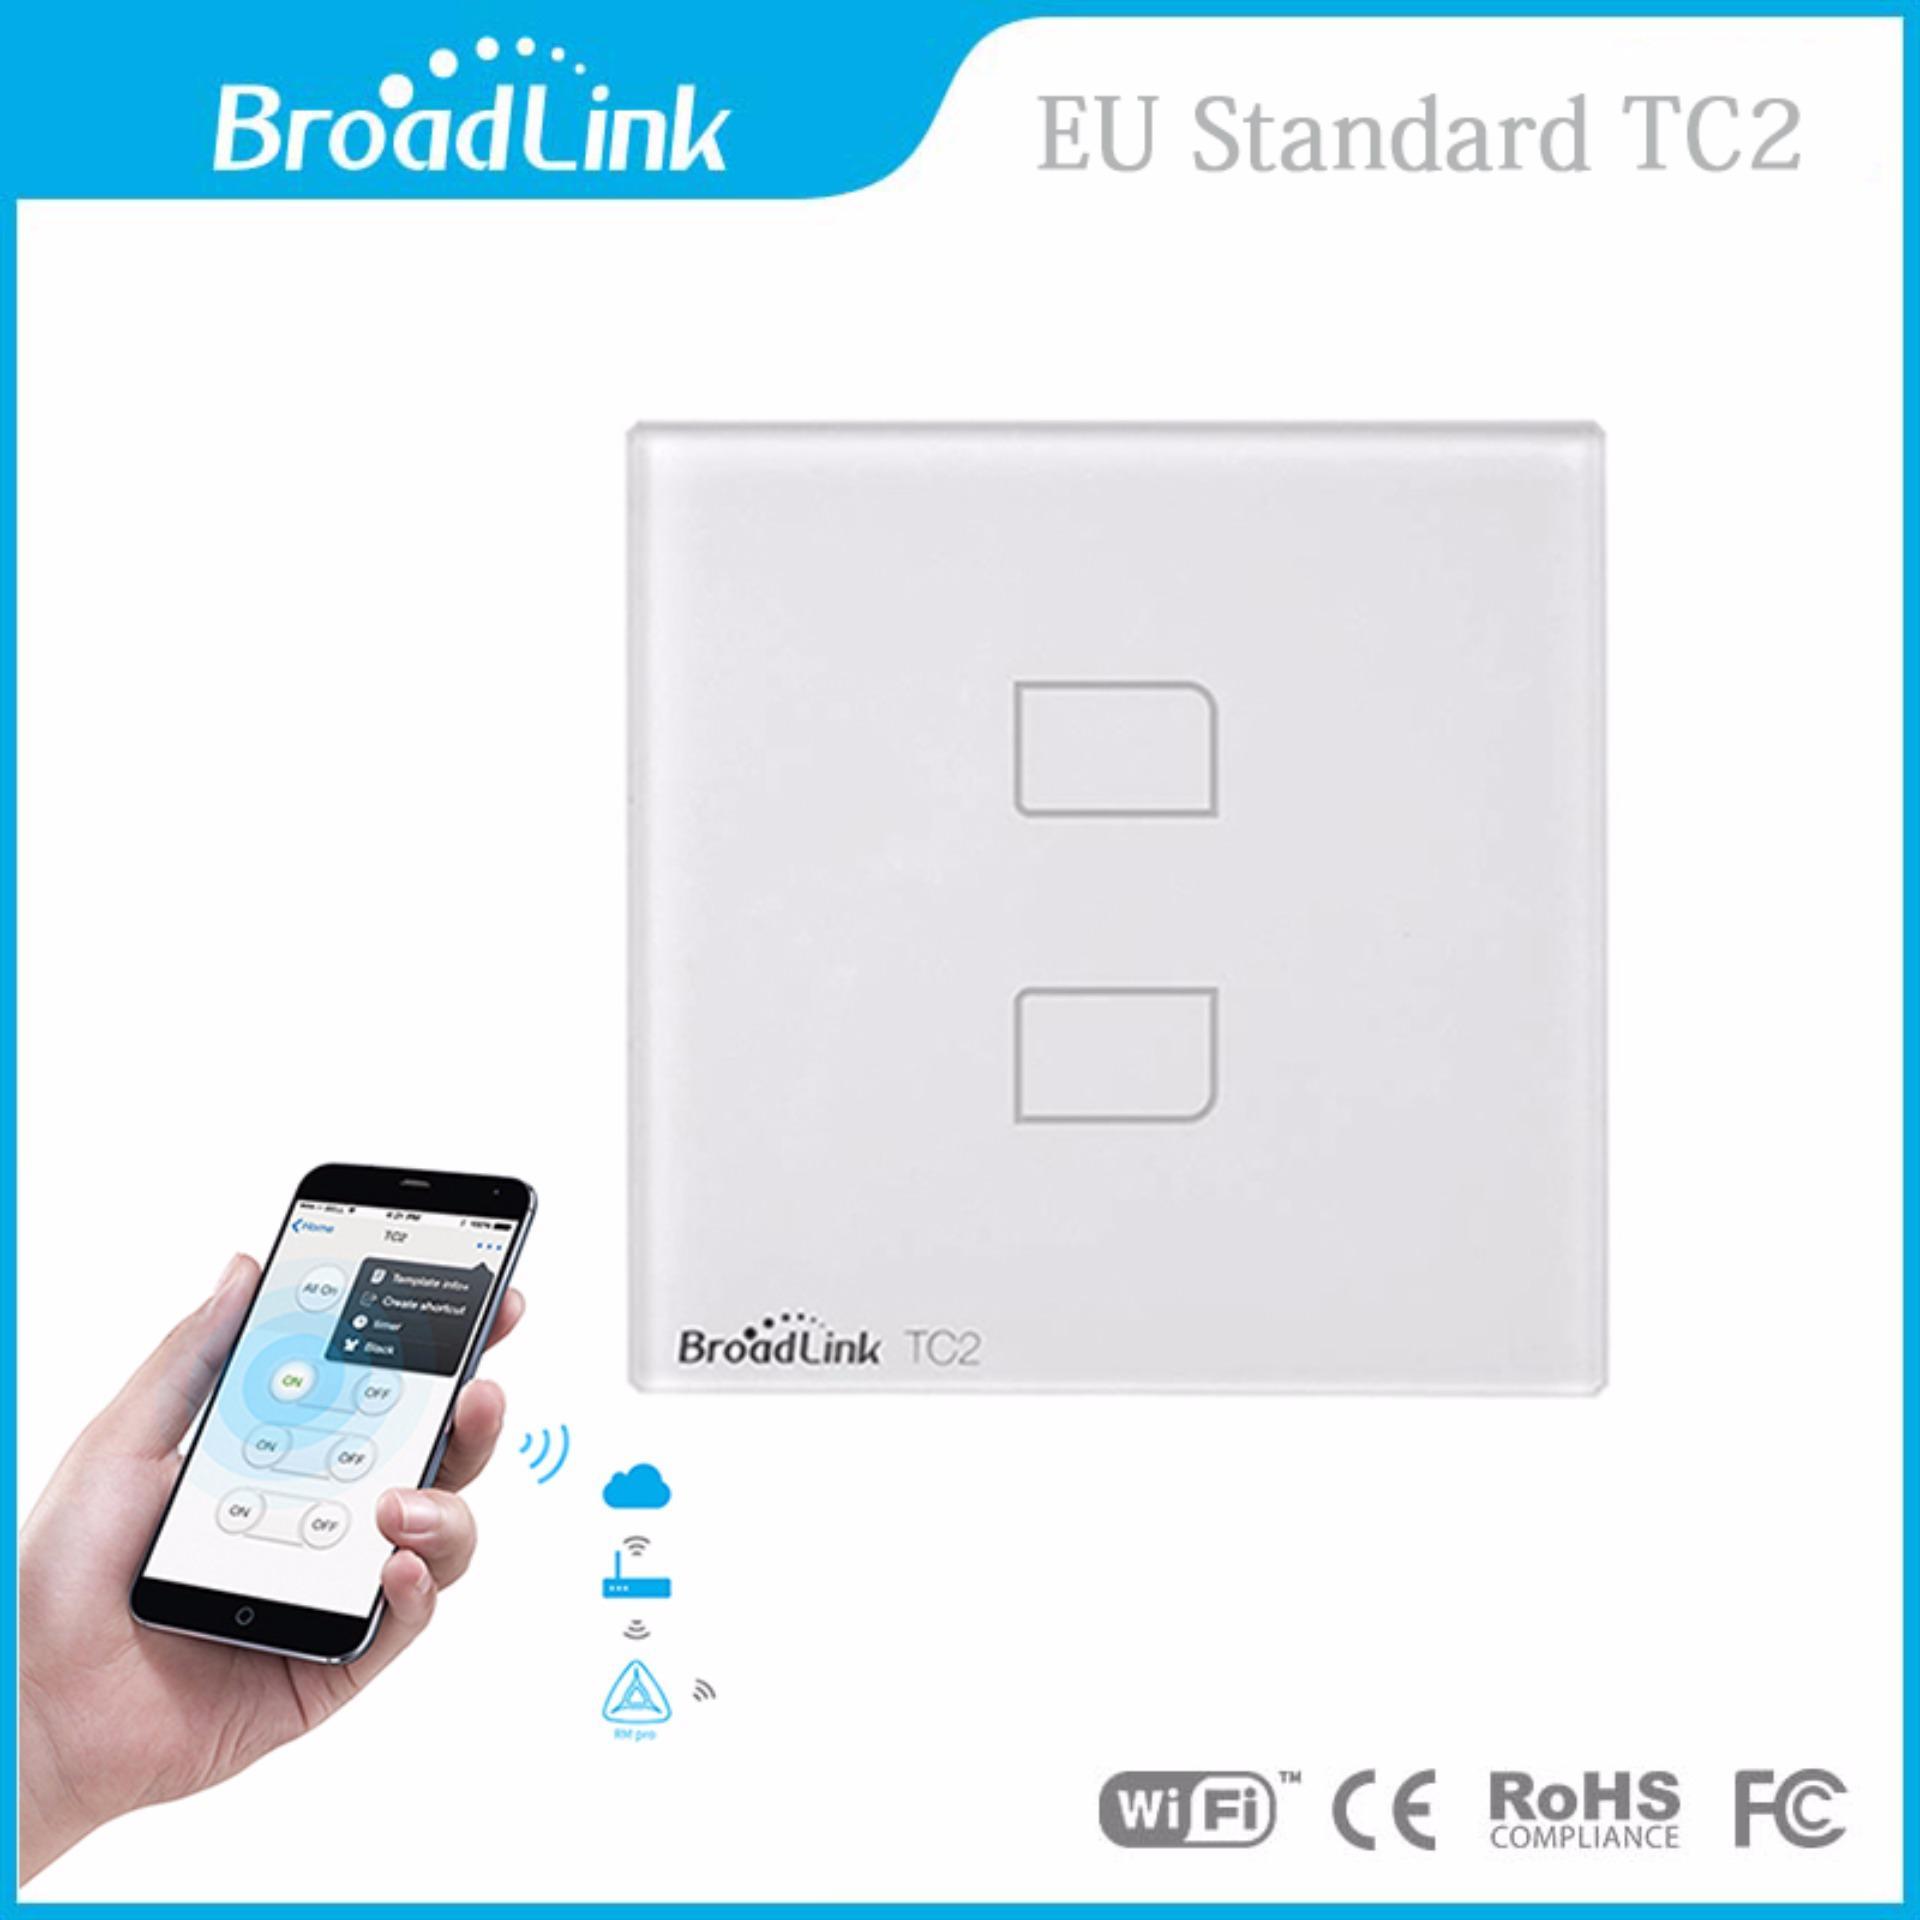 Công tắc cảm ứng, điều khiển từ xa bằng điện thoại qua wifi/3G Broadlink TC2 chuẩn EU (2 nút)